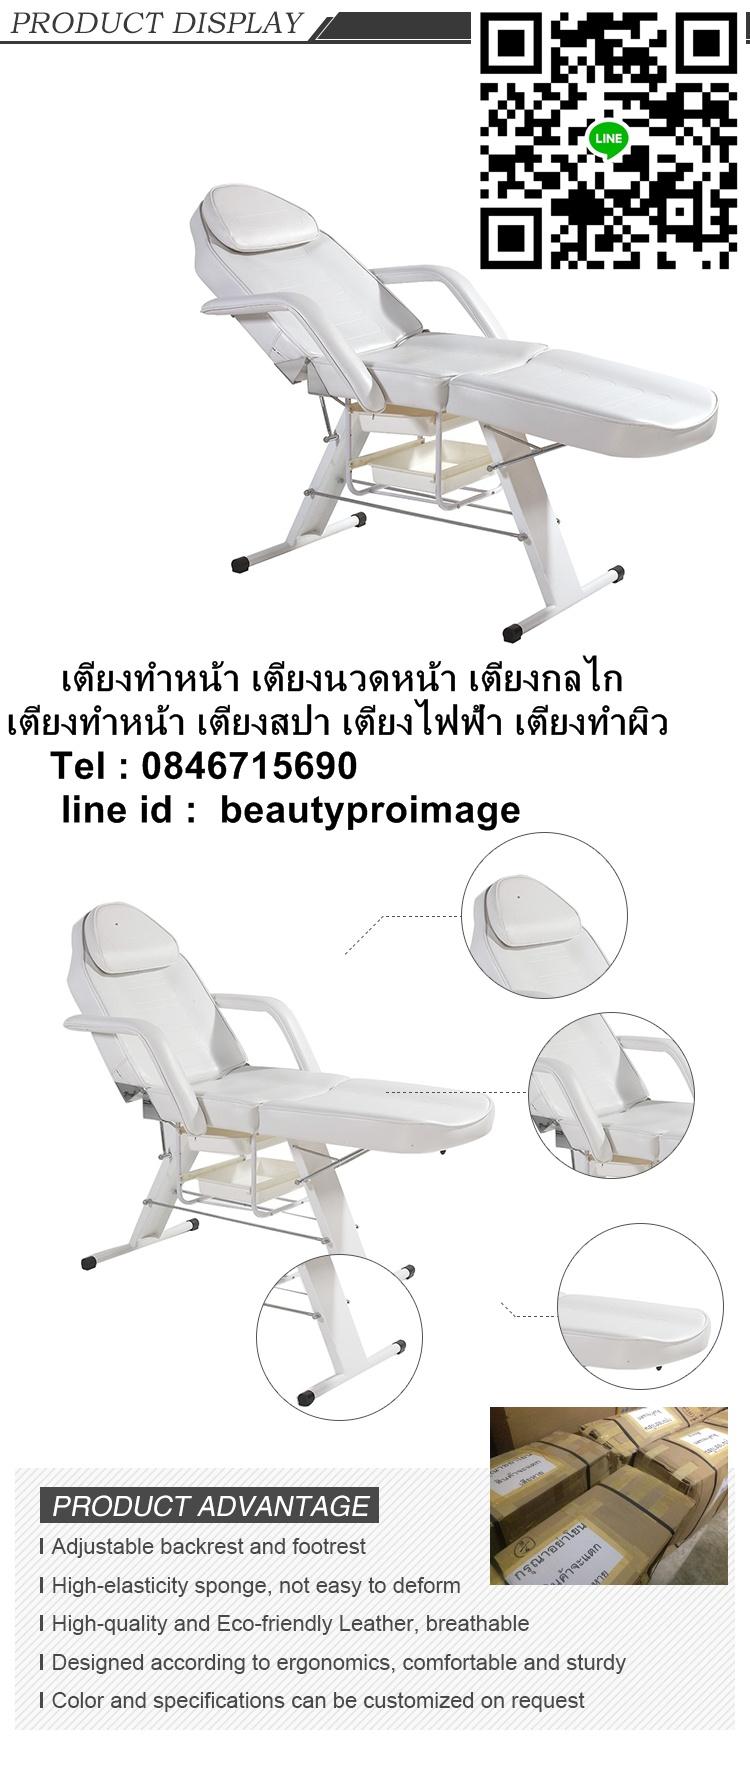 เตียงนวดหน้ากลไก ไม่รวมเก้าอี้ ไม่รวมค่าประกอบติดตั้ง ไม่รวมค่าจัดส่งต้นทางปลายทาง ไม่รวมค่าคนงานยกของ